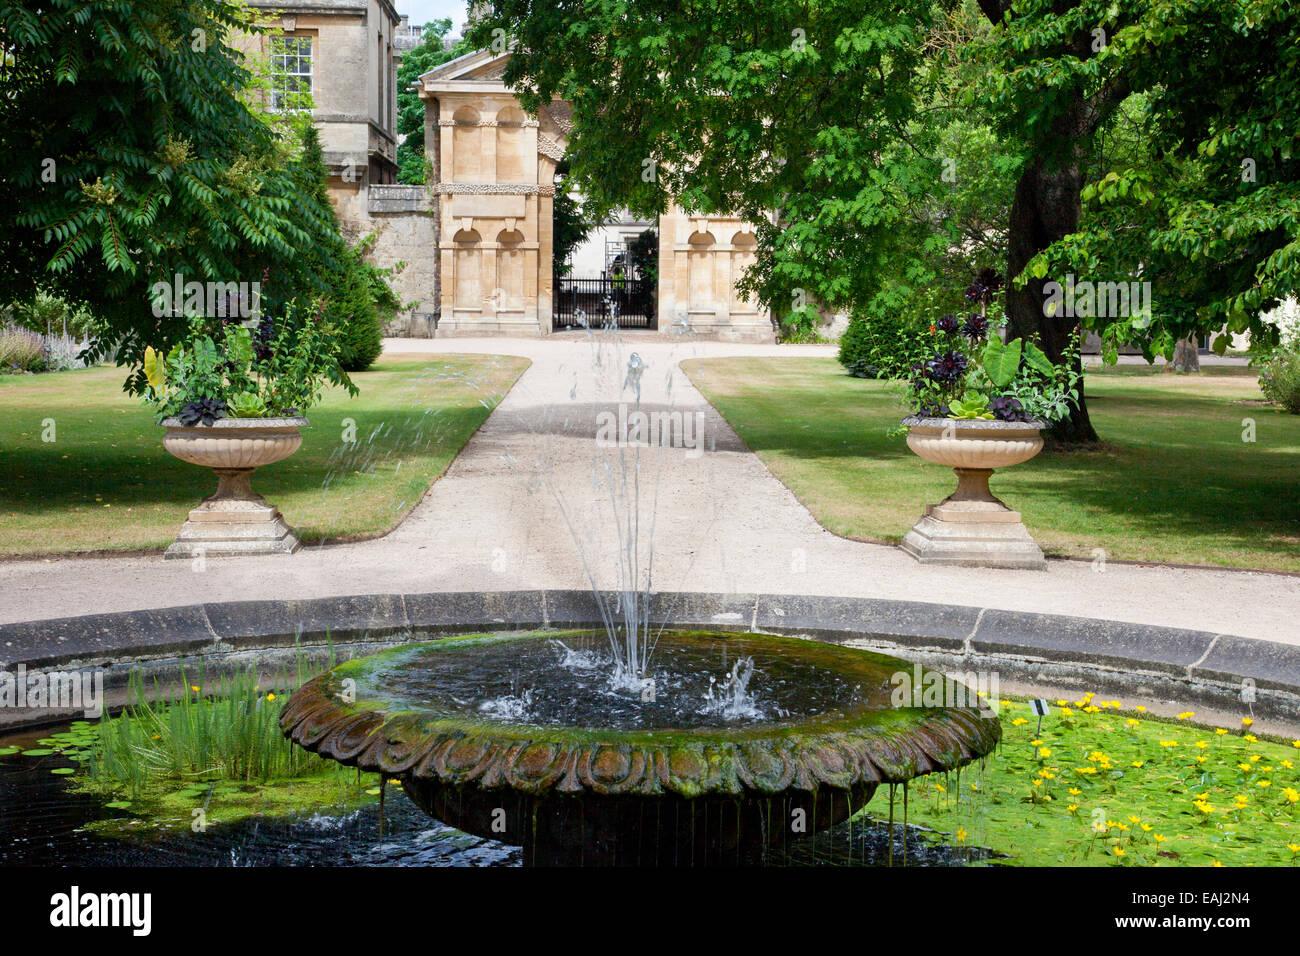 La circulaire d\'un bassin avec jet d\'eau dans les jardins botaniques ...